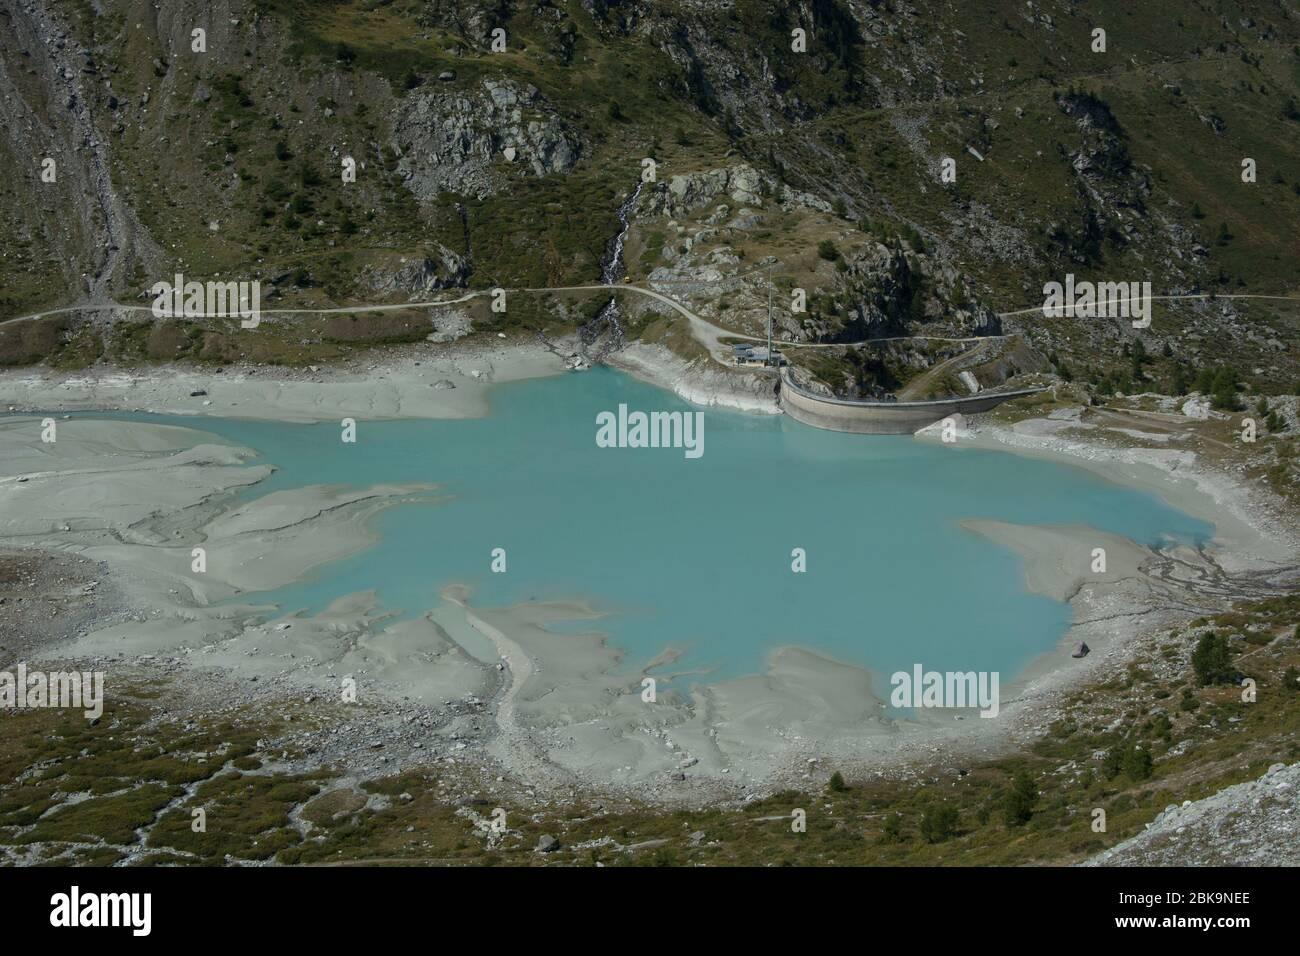 Tiefer Wasserstand im Turtmann-Stausee, Oberwallis Stock Photo